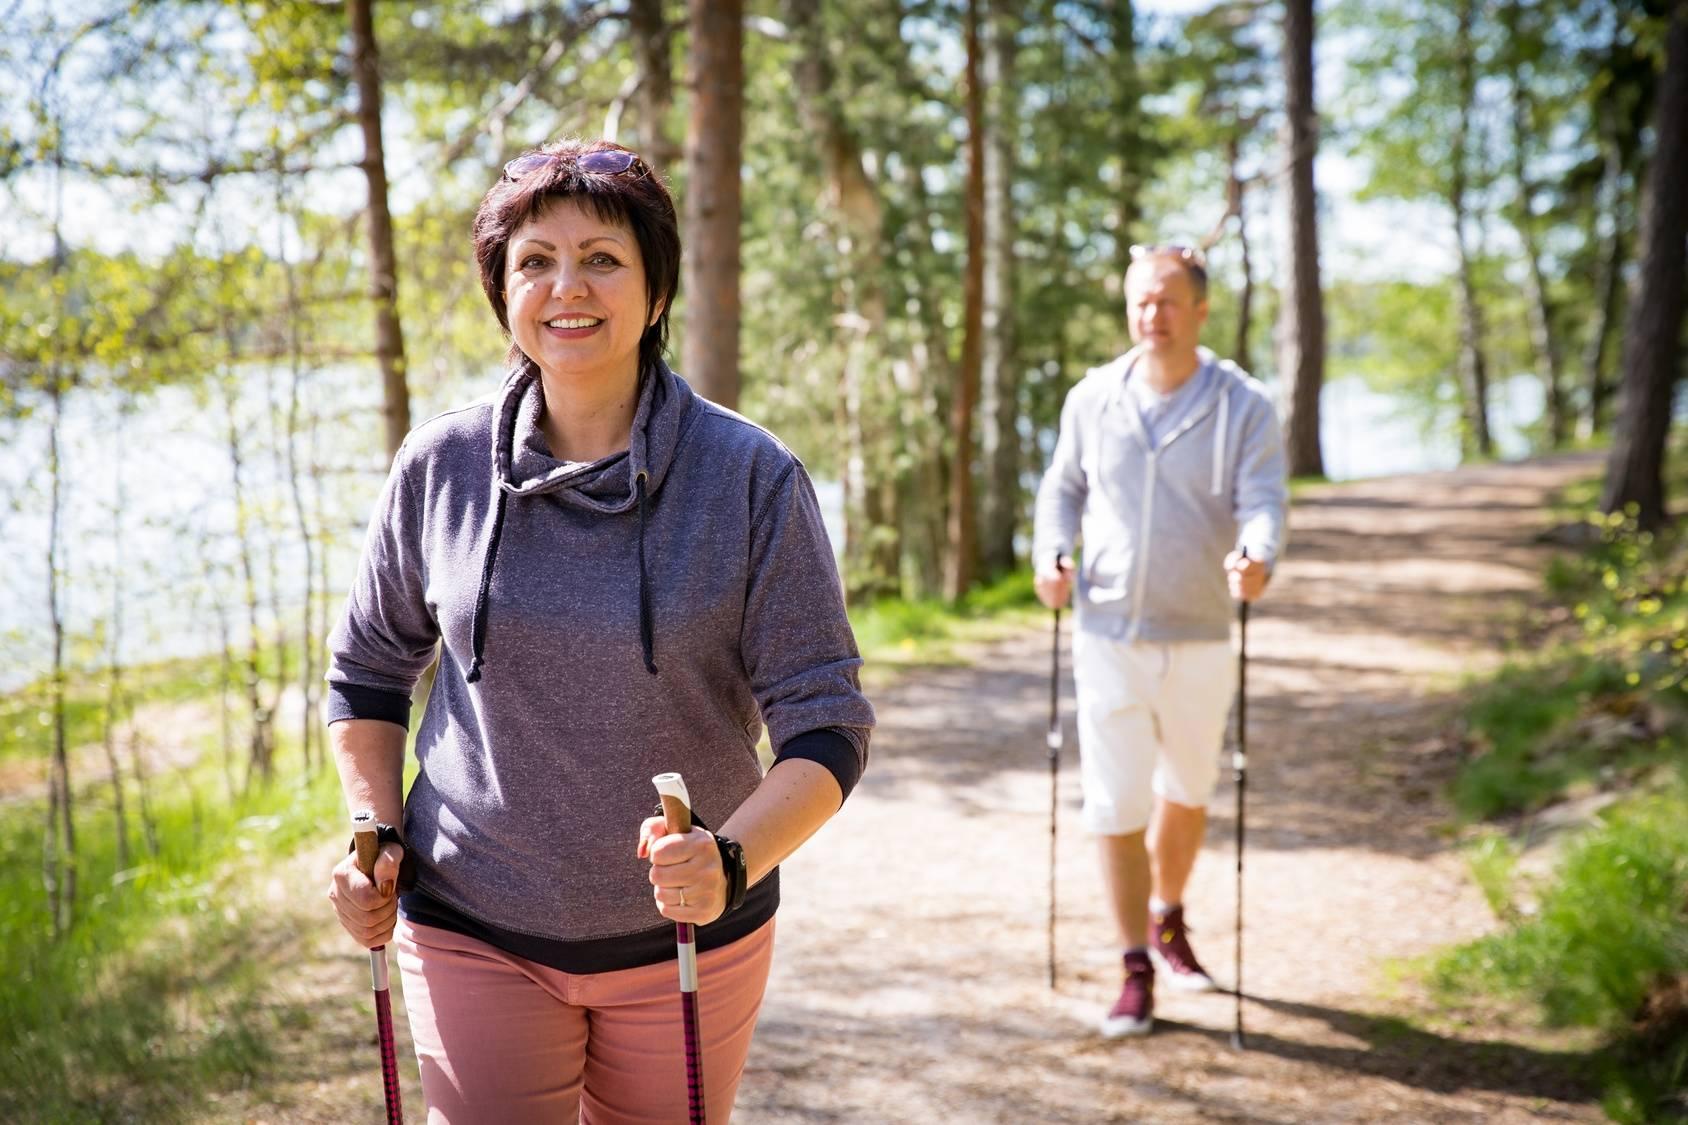 Nordic walking dla początkujących - gdzie i jak uprawiać ten sport? Mężczyzna i kobieta uprawiają nordic walking w lesie nad wodą.